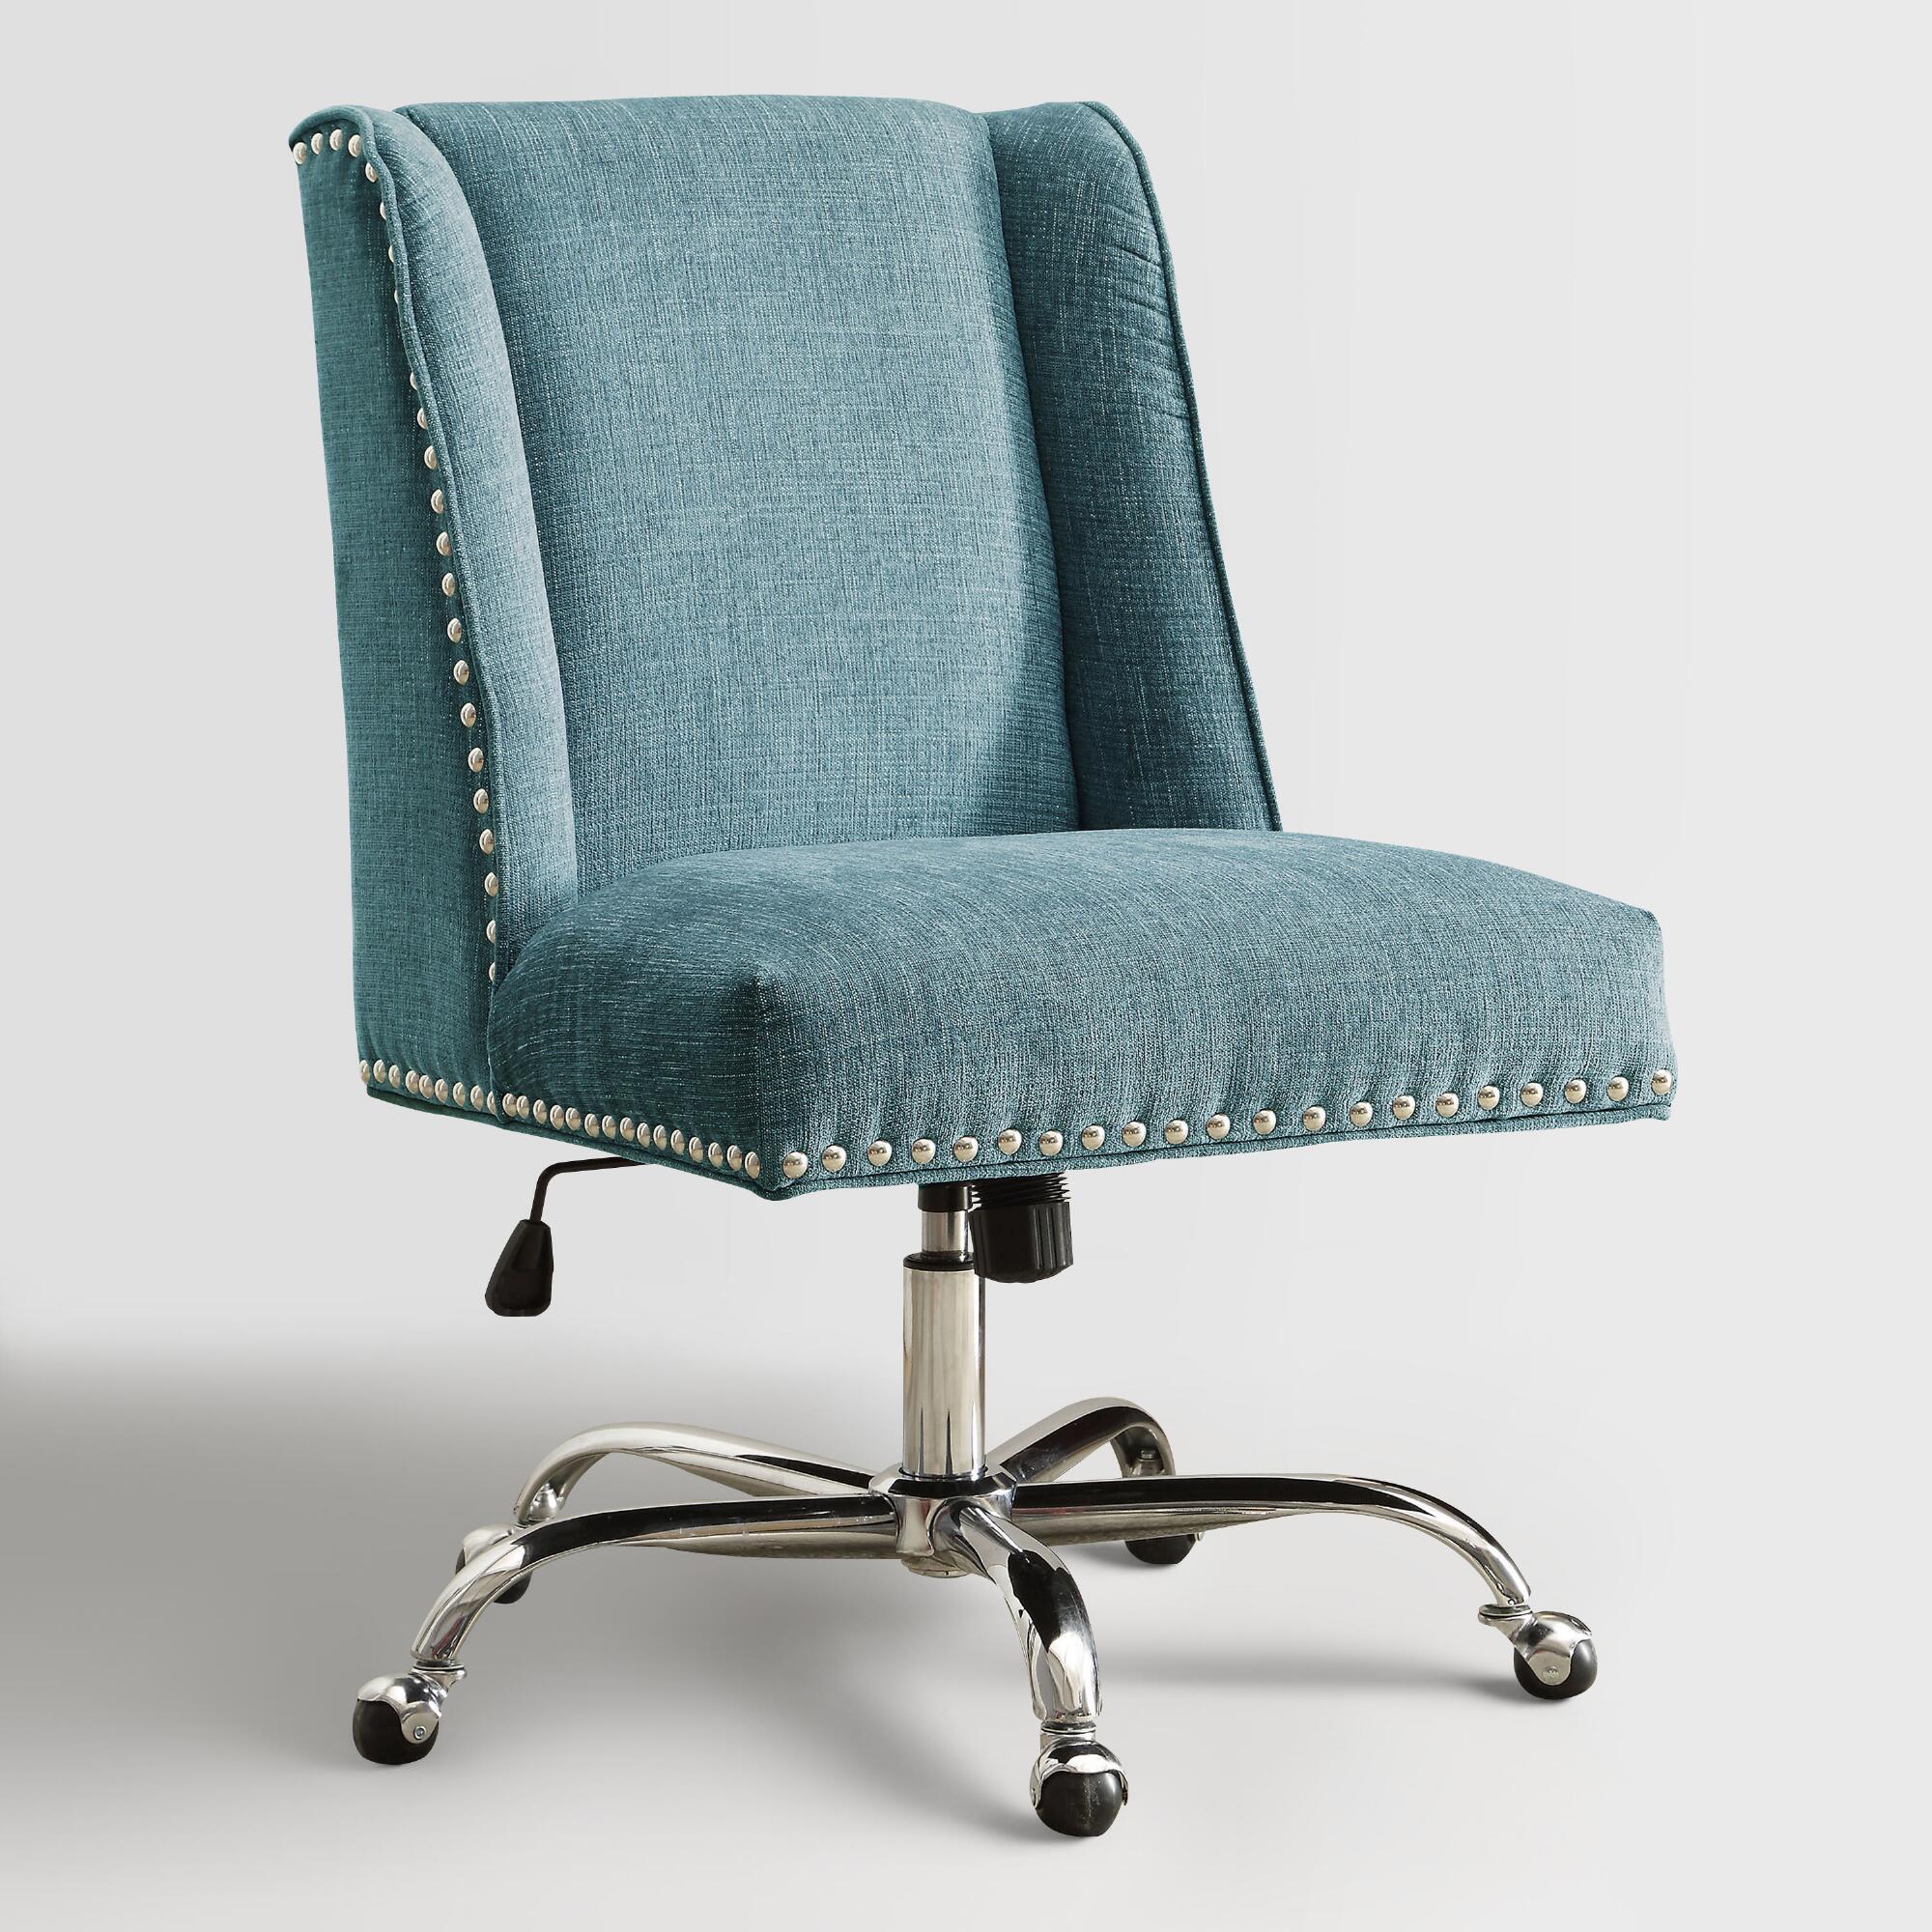 upholstered desk chair